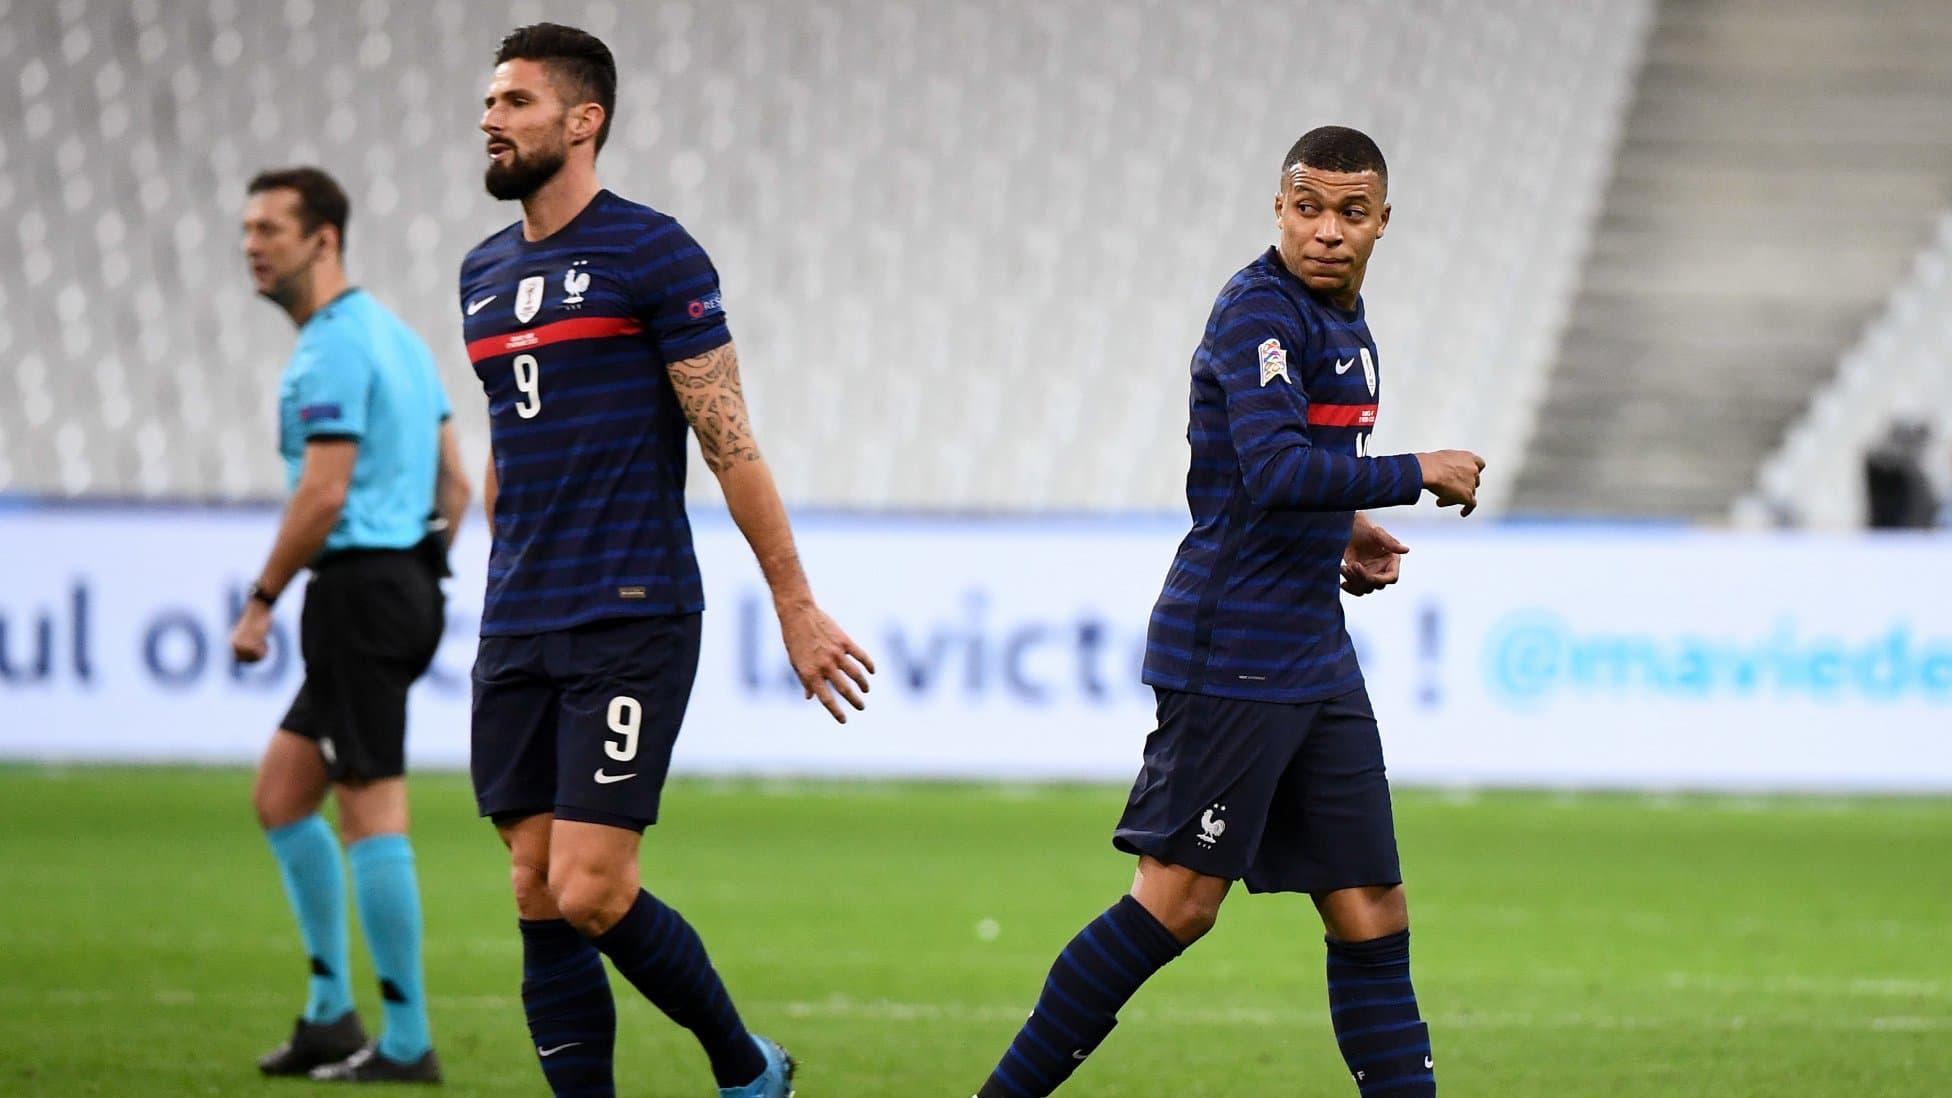 Équipe de France: mea culpa, causerie, comment a été gérée l'embrouille Mbappé-Giroud